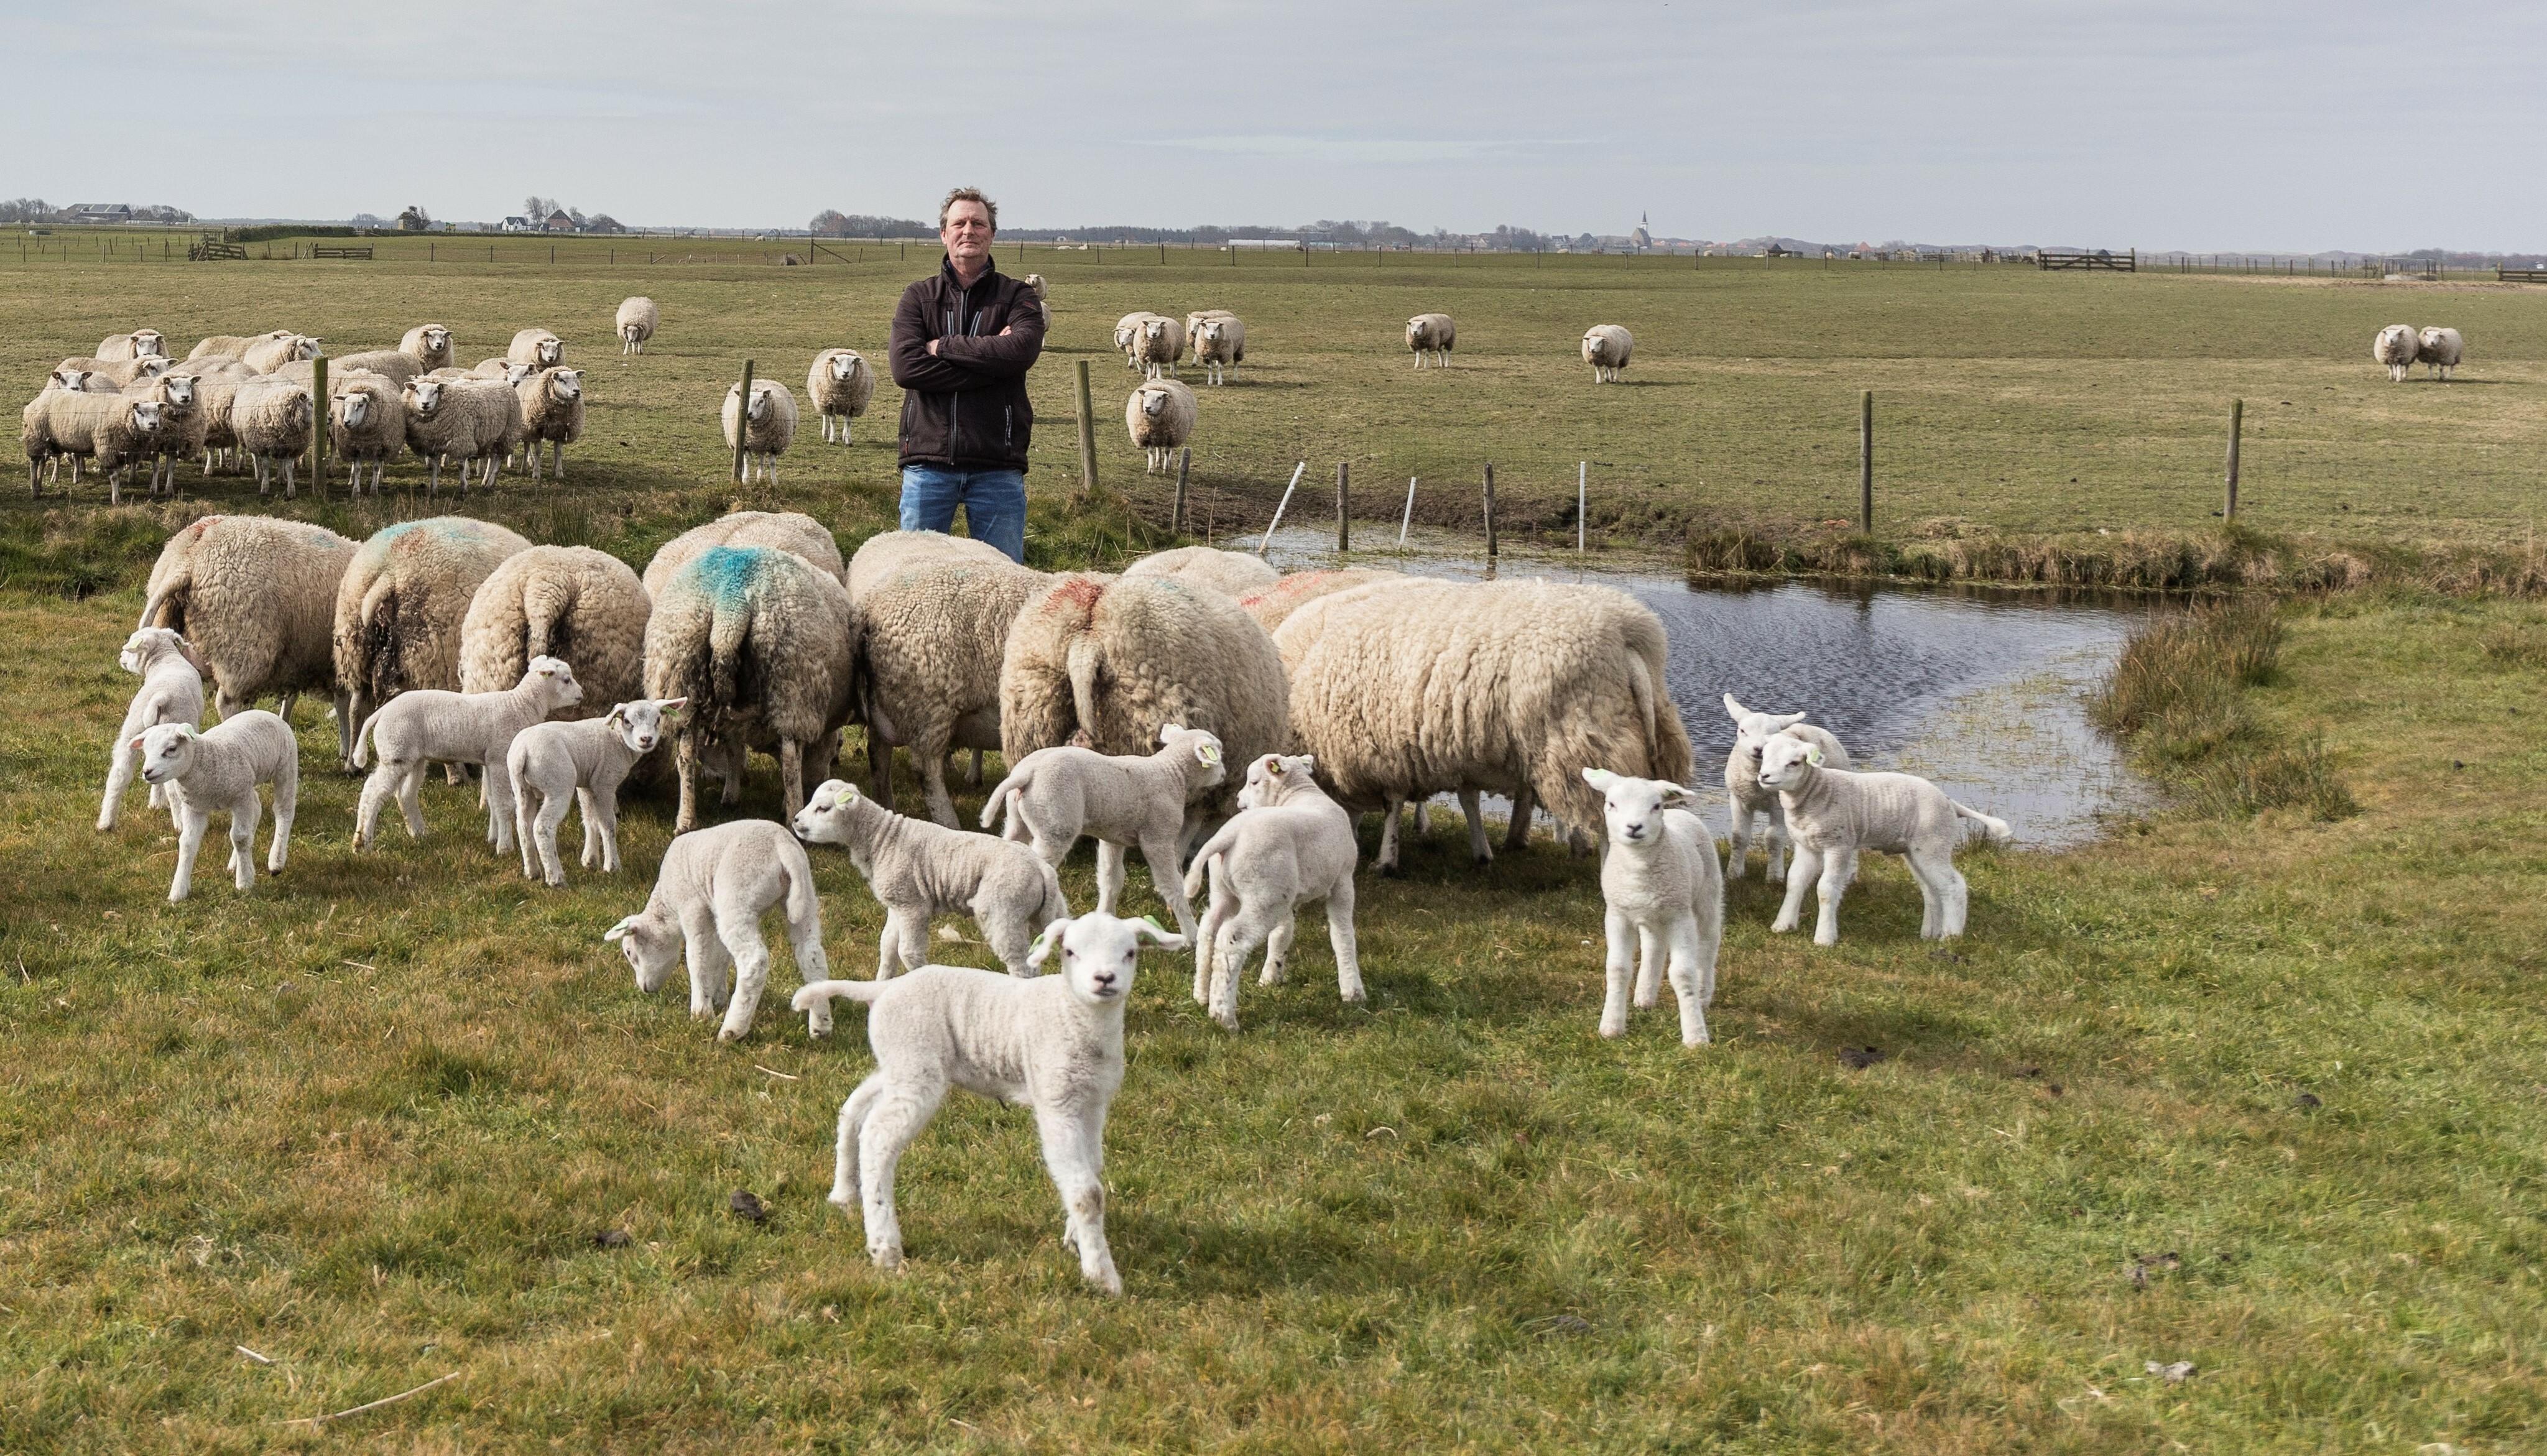 Schapenboer Arjen Boerhorst van boerderij de Hoge Kamp VVV Texel